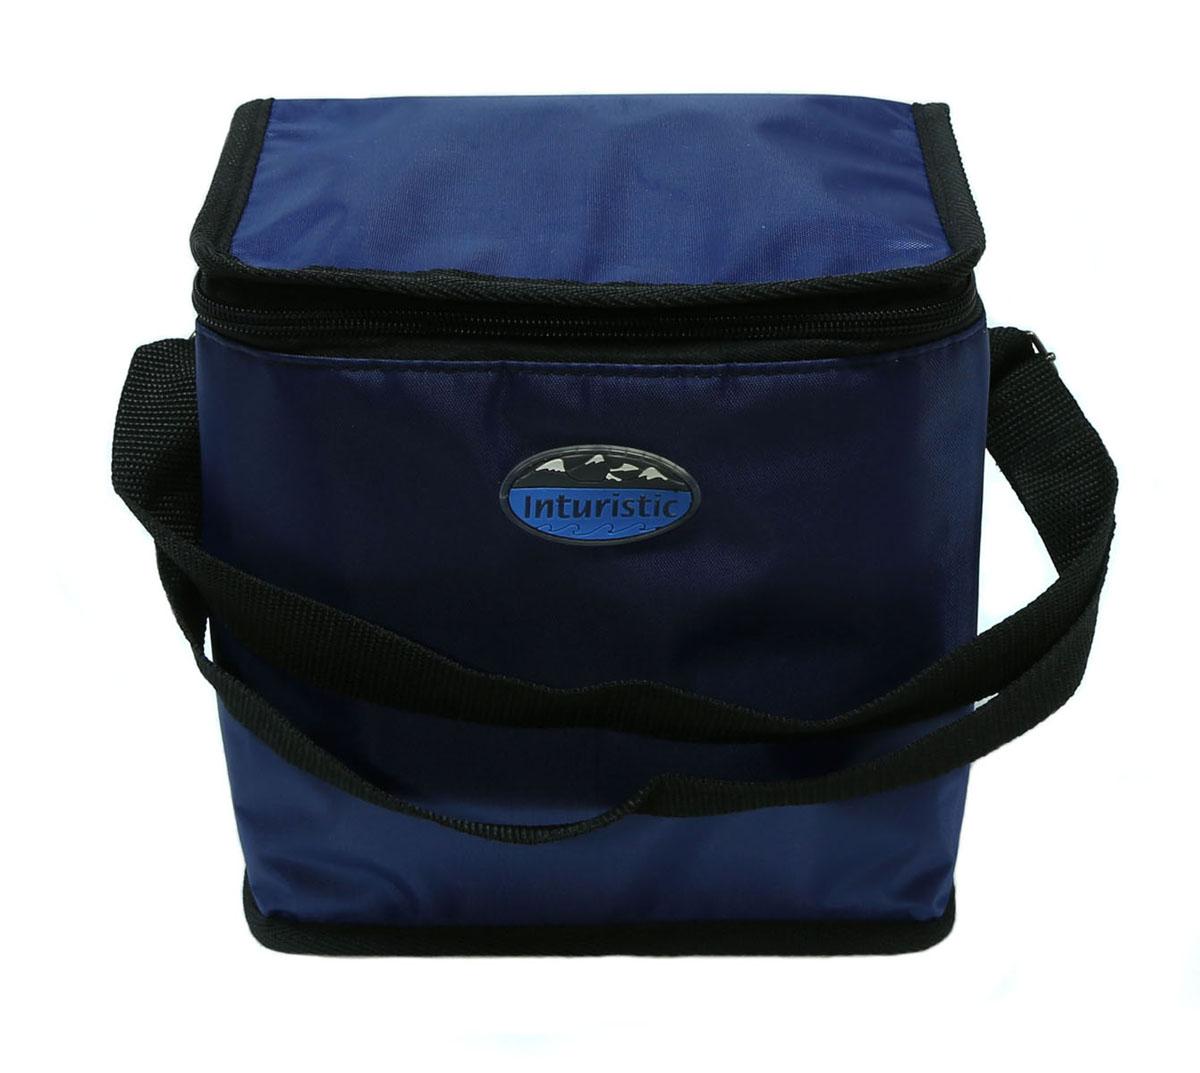 Сумка изотермическая Inturistic, цвет: синий, 6 л128540-2Изотермическая сумка поможет сохранить температуру пищи и напитков в течение нескольких часов. Будет удобна при поездках на дачу, на пикник и дальних путешествиях. Вмещает по высоте до 6 алюминиевых банок ёмкостью 0,5 л. с прохладительными напитками. Наибольший эффект достигается при использовании аккумуляторов холода. Имеется карман для аккумулятора холода. Карман можно использовать для переноски необходимых мелочей. Удобна для переноски контейнеров с едой и ланч боксов.